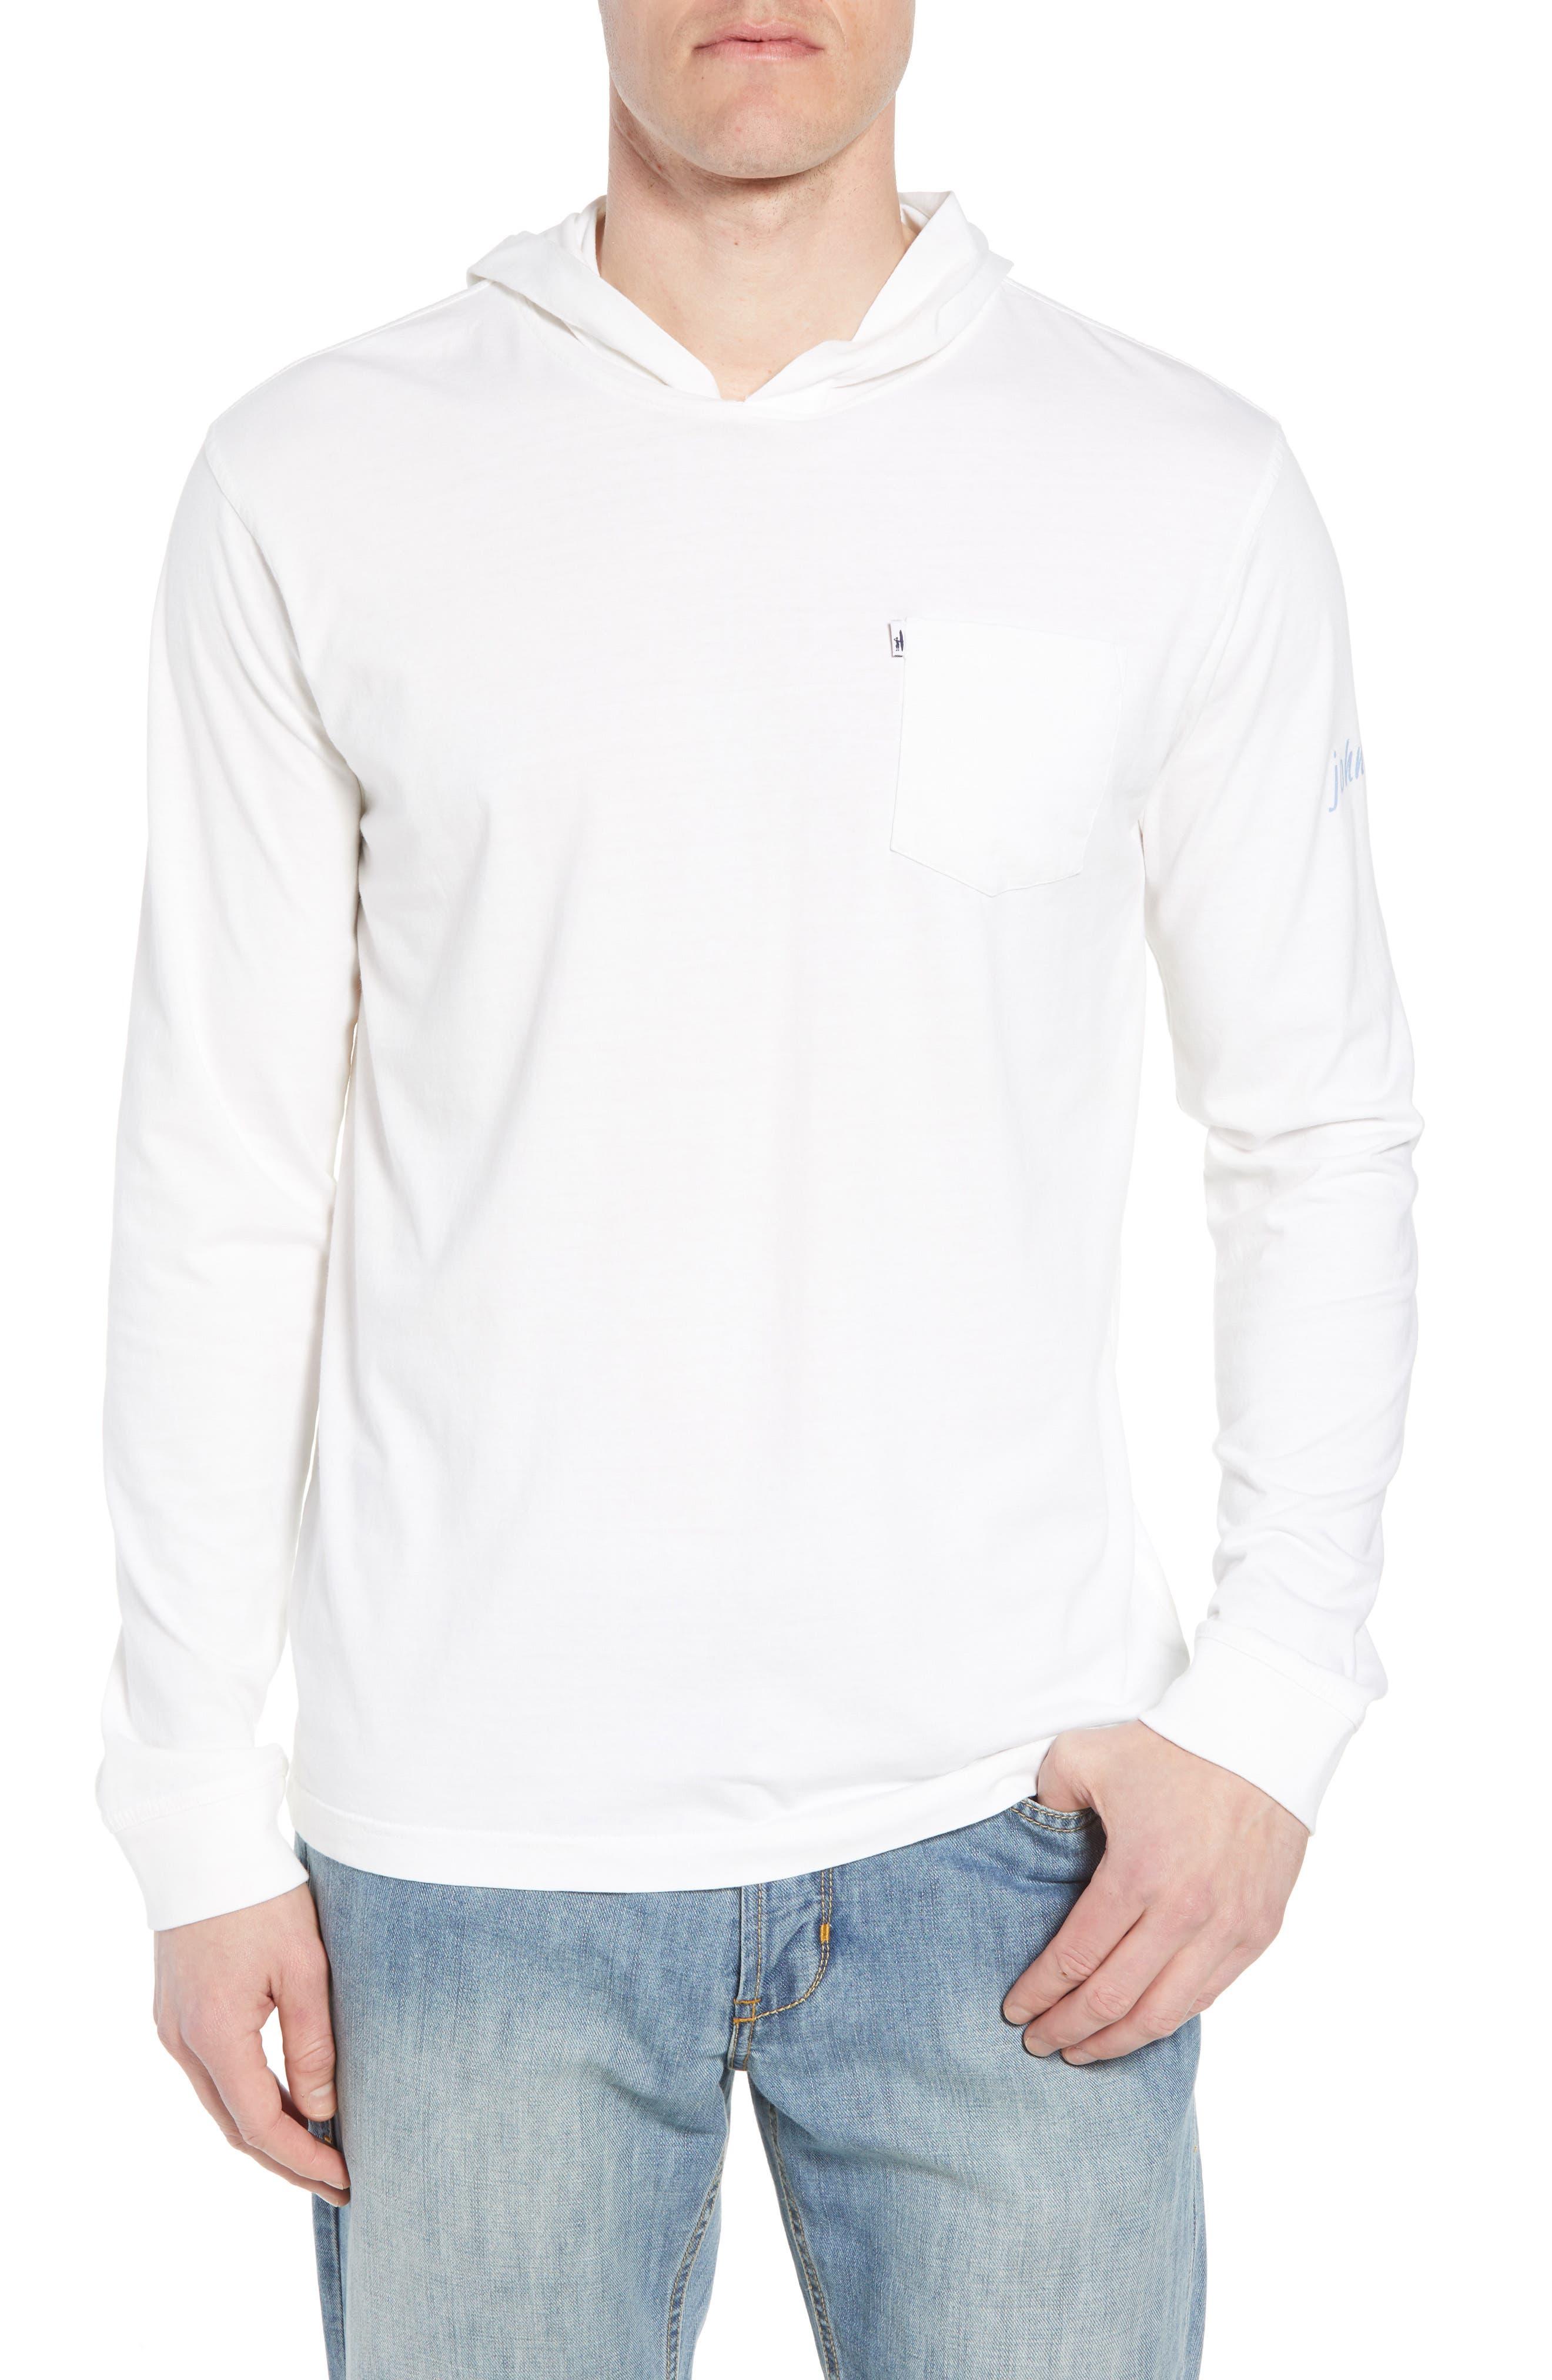 Eller Hooded T-Shirt,                             Main thumbnail 1, color,                             White